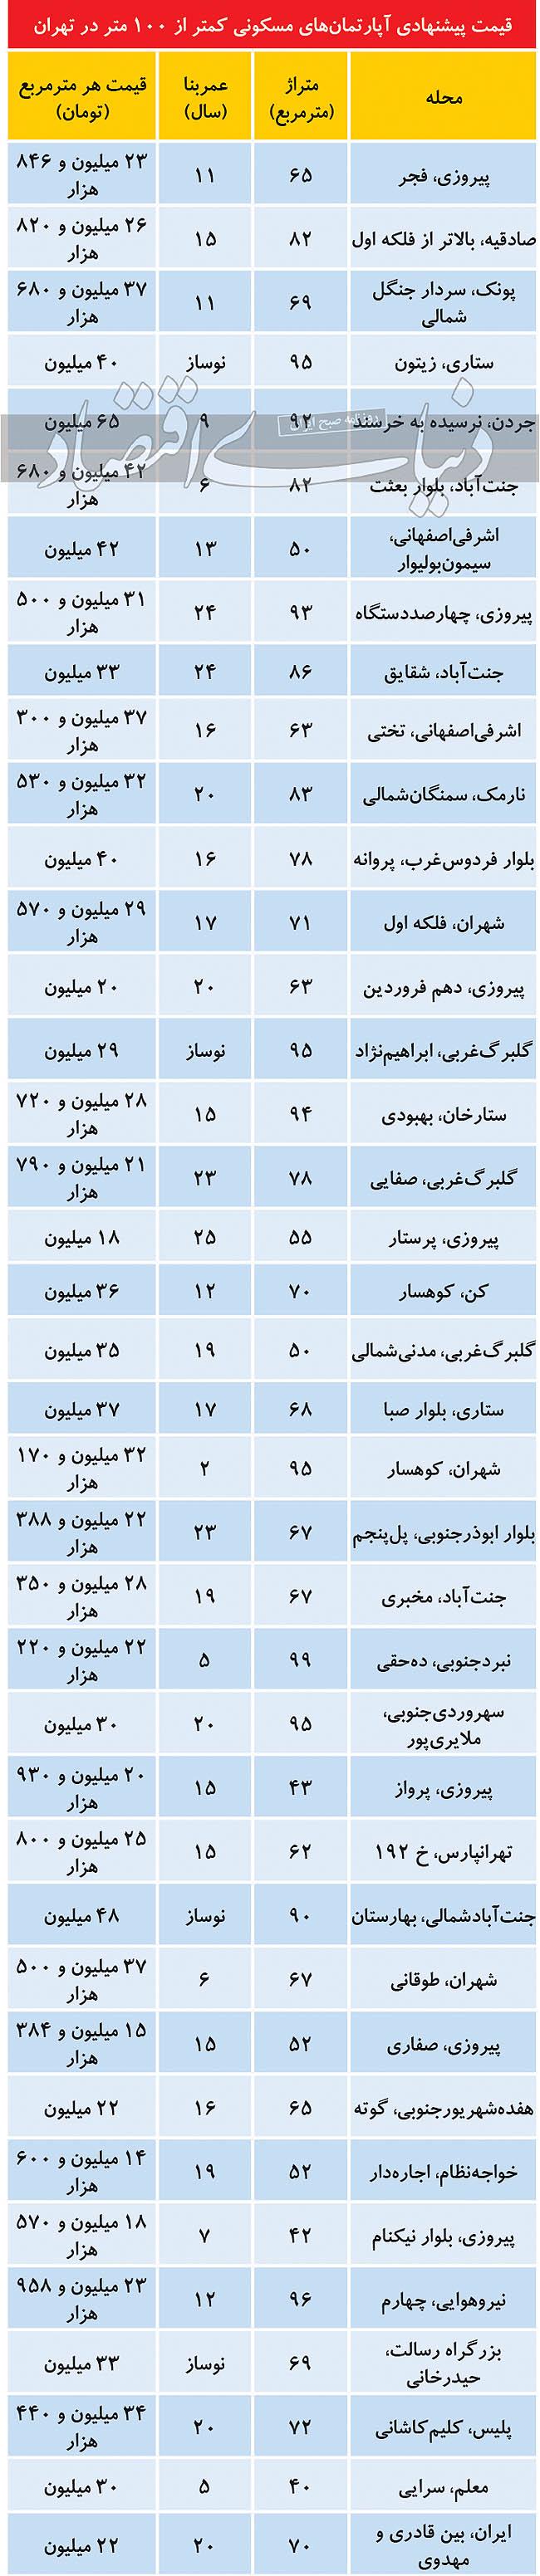 قیمت املاک کمتر از ۱۰۰ متر در تهران امروز 27 آذر 99